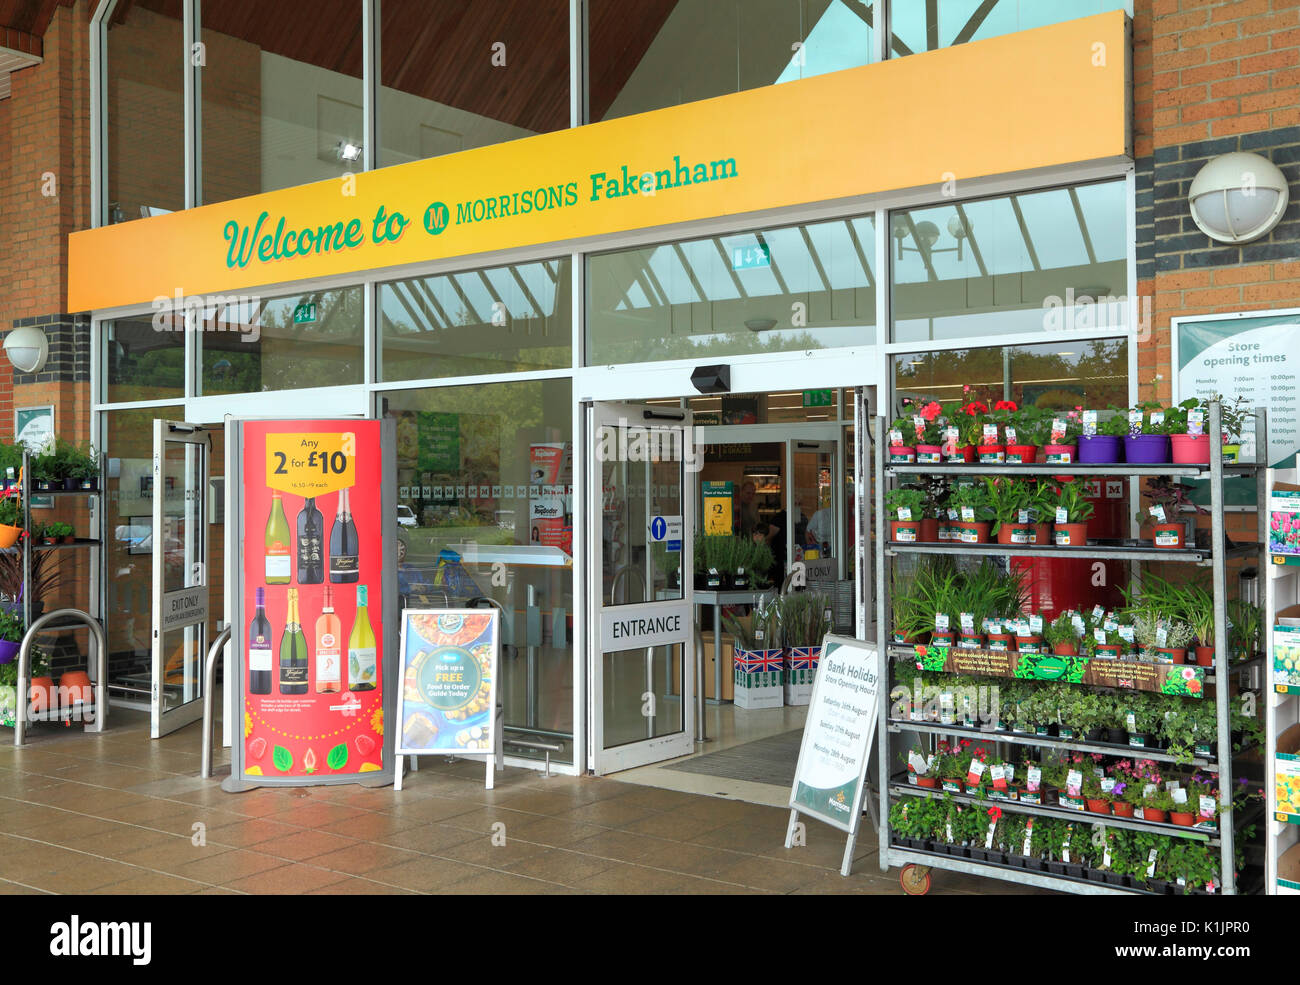 Morrisons Supermarket, entrance,  foyer, Fakenham, Norfolk, England, UK, English supermarkets, store, stores - Stock Image